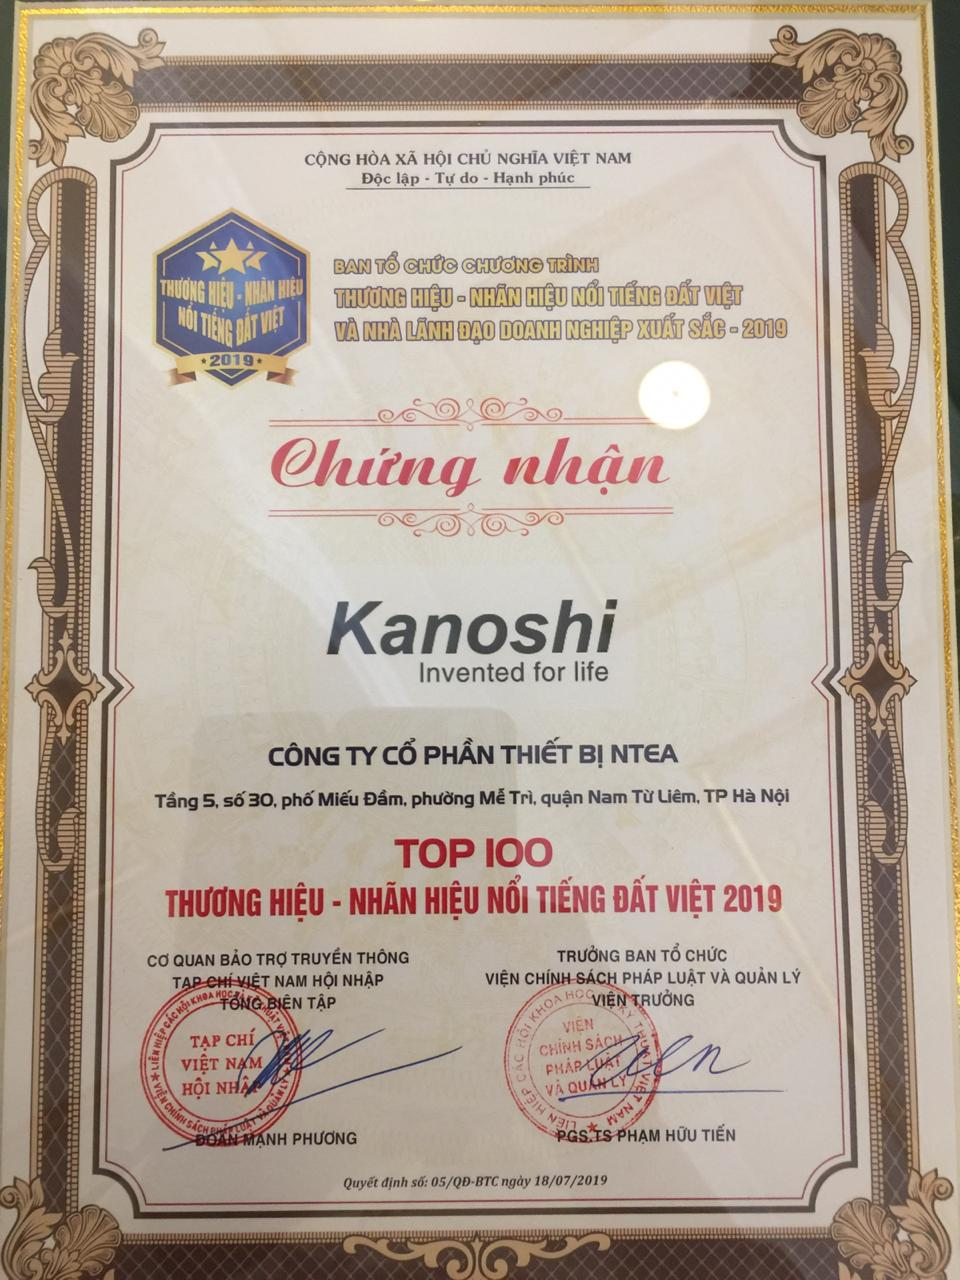 NHÃN HIỆU KANOSHI VINH DỰ ĐÓN NHẬN GIẢI THƯỞNG TOP 100 THƯƠNG HIỆU- NHÃN HIỆU ĐẤT VIỆT NĂM 2019